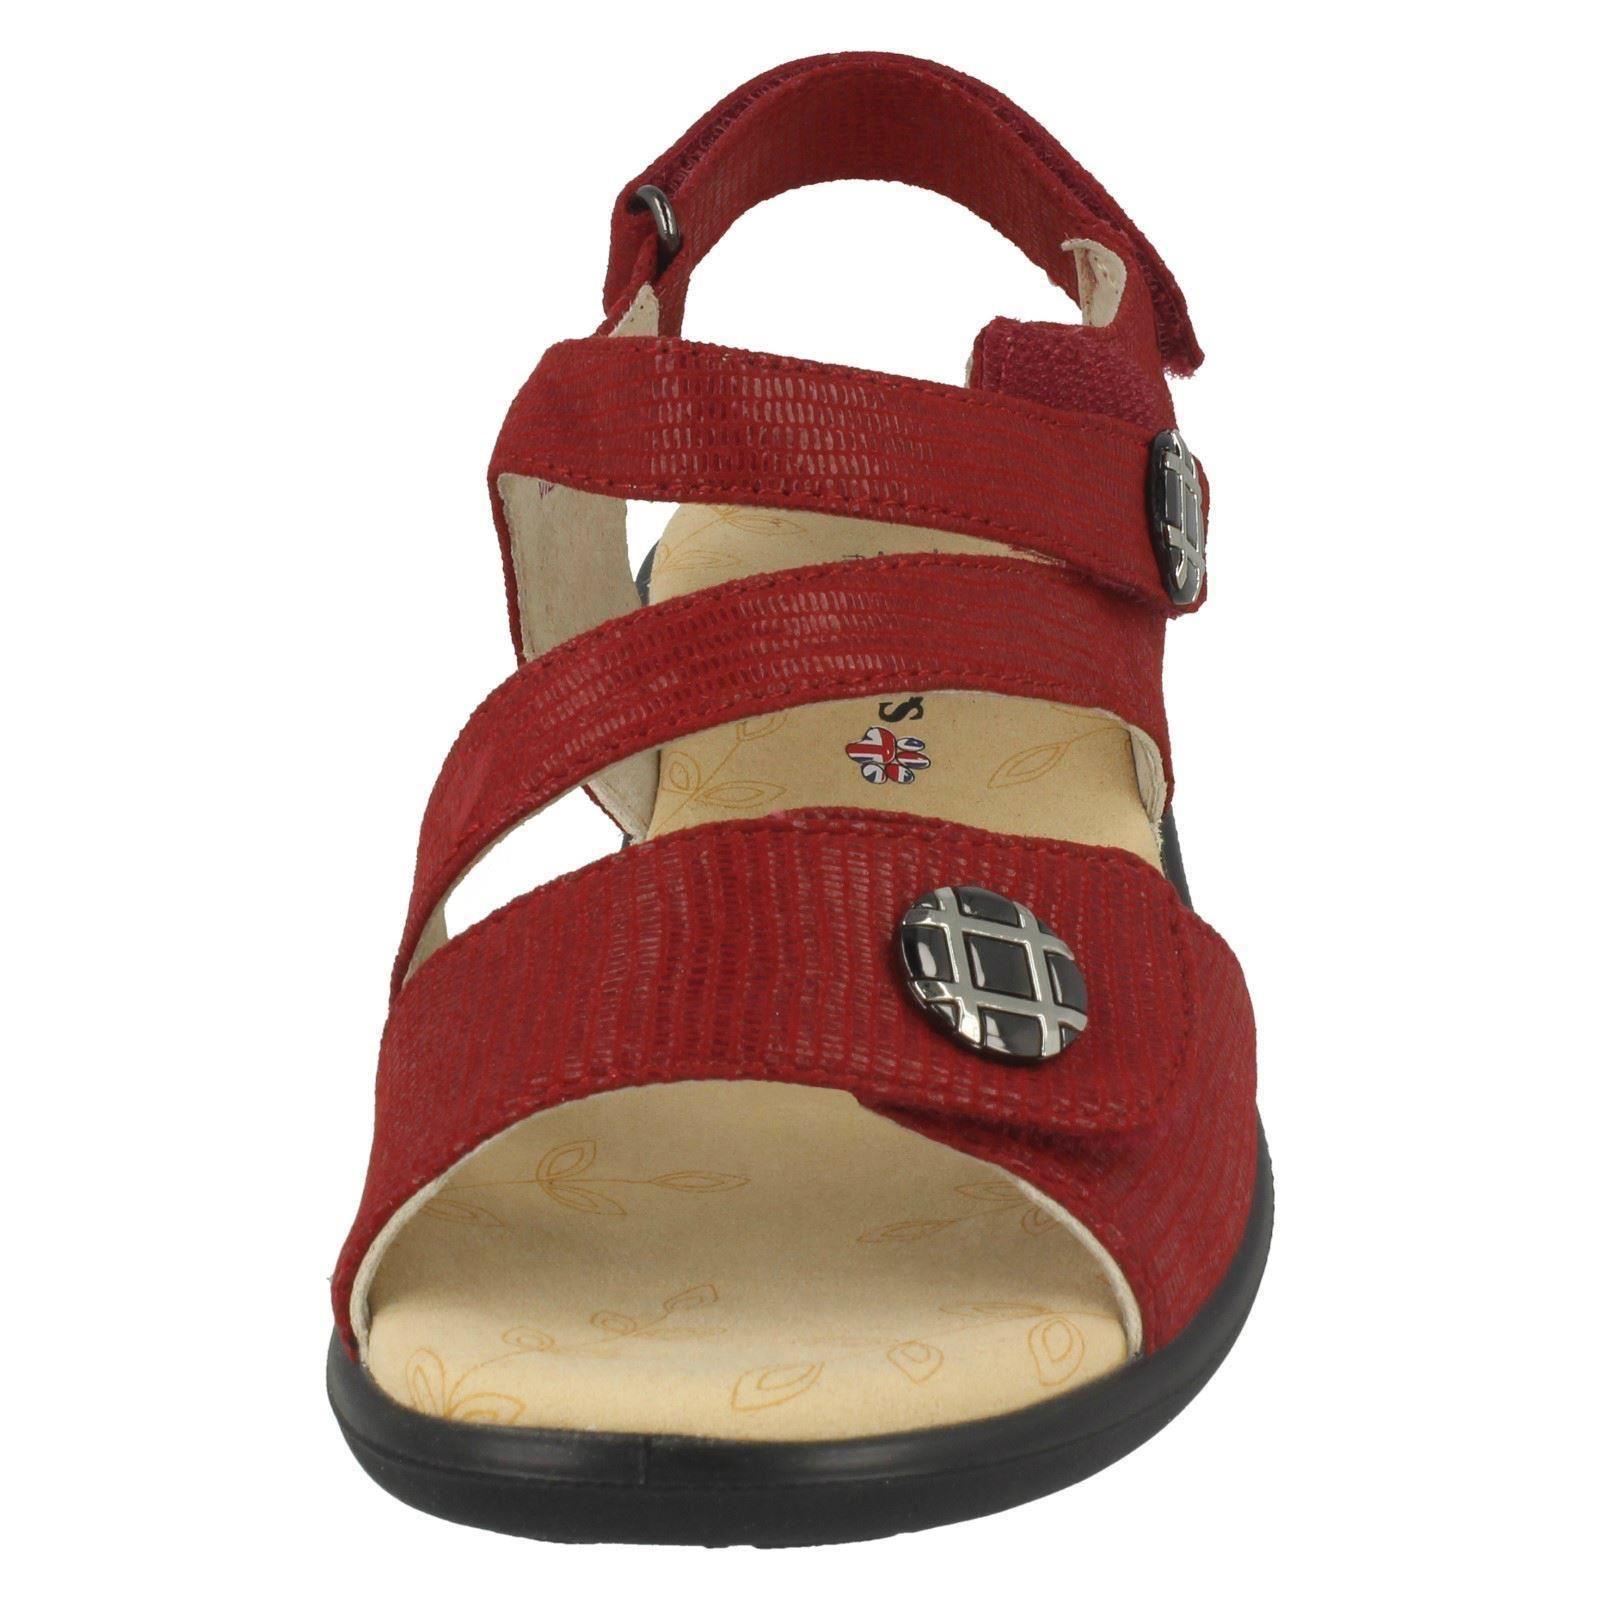 homme / femme de vienne, mesdames padders padders padders service confortable contact mode moderne de sandales à lanières   Digne  939a02